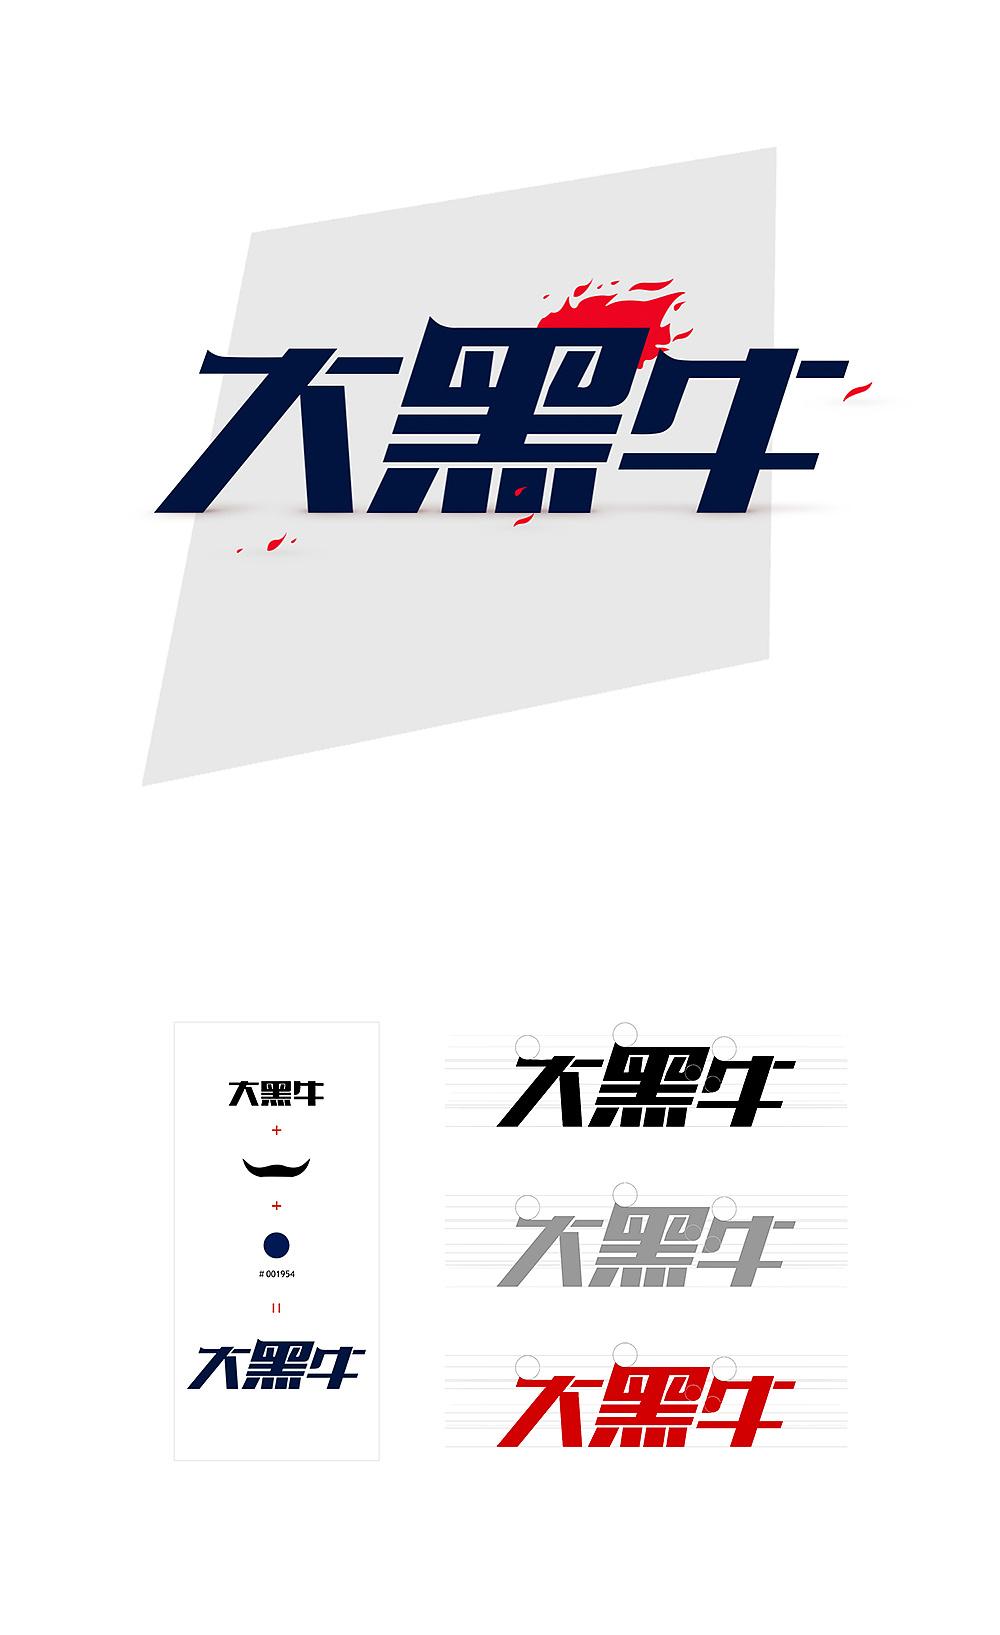 大黑牛--字体v字体|UI|其他UI|达然-原创作品外国参考文献海报设计图片